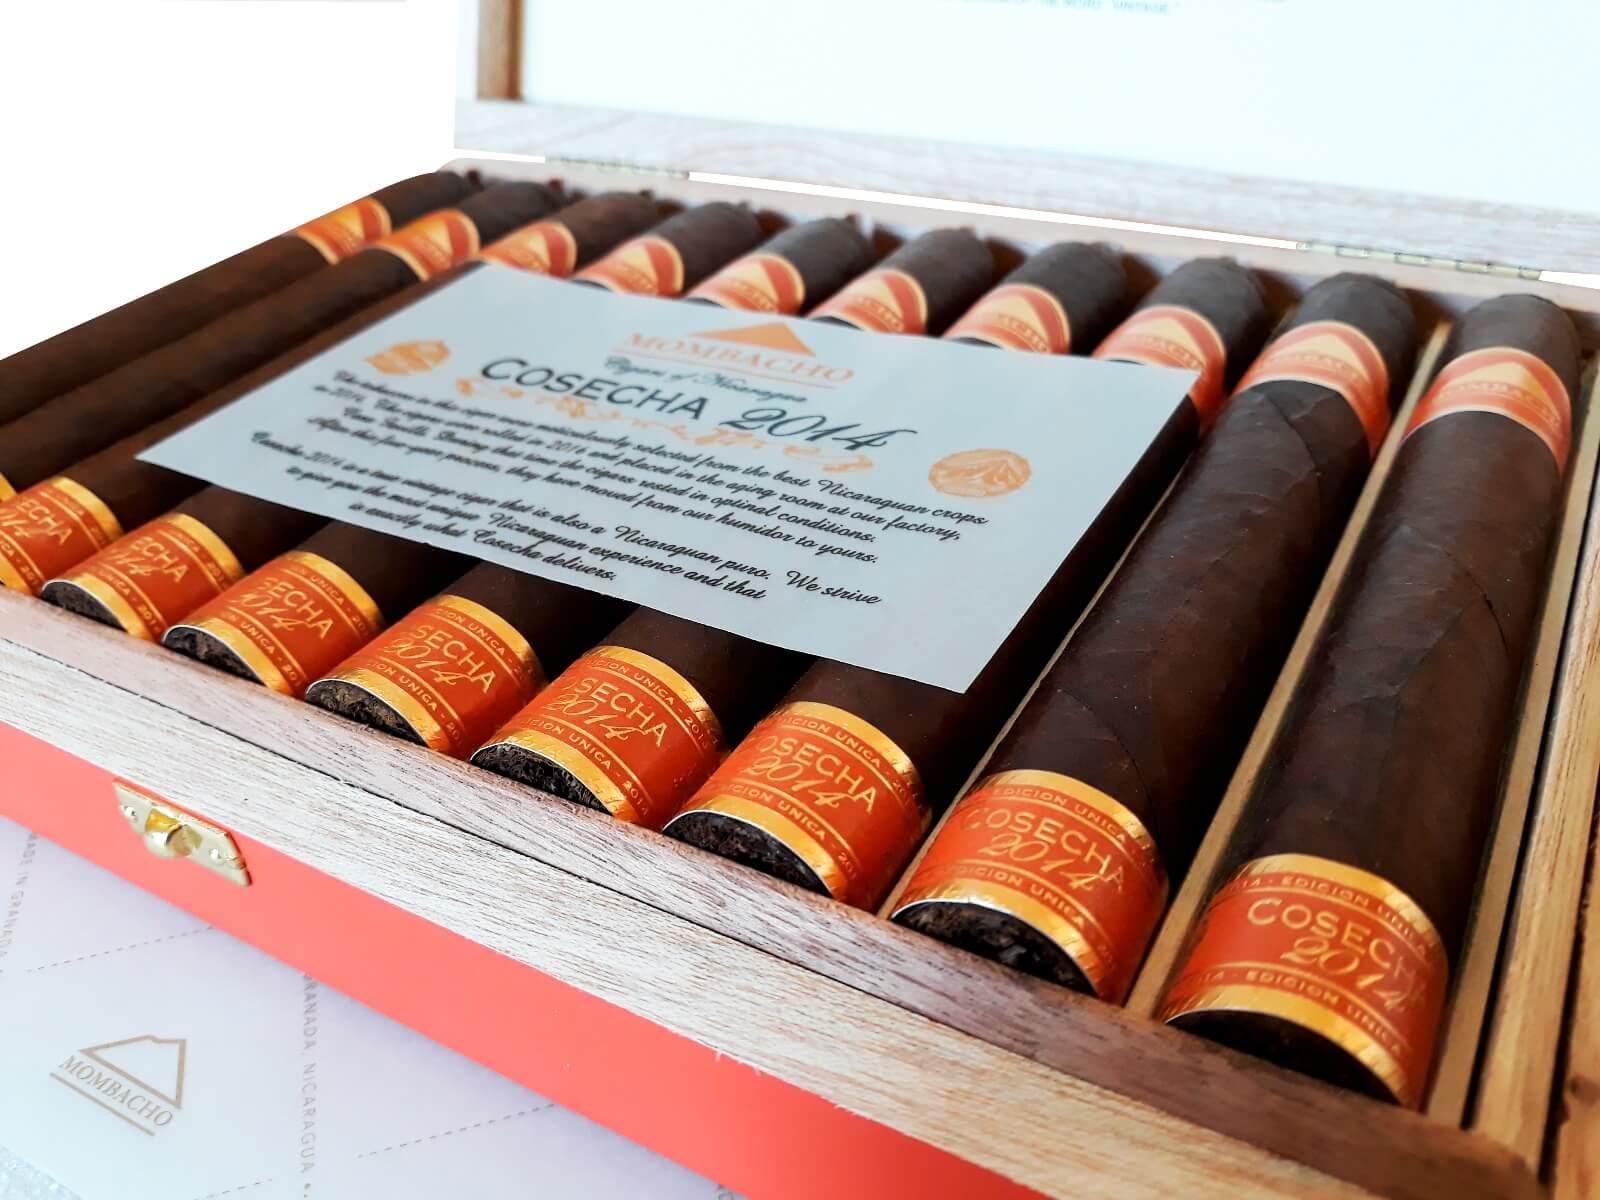 Cigar News: Mombacho Bringing Cosecha 2014 to IPCPR